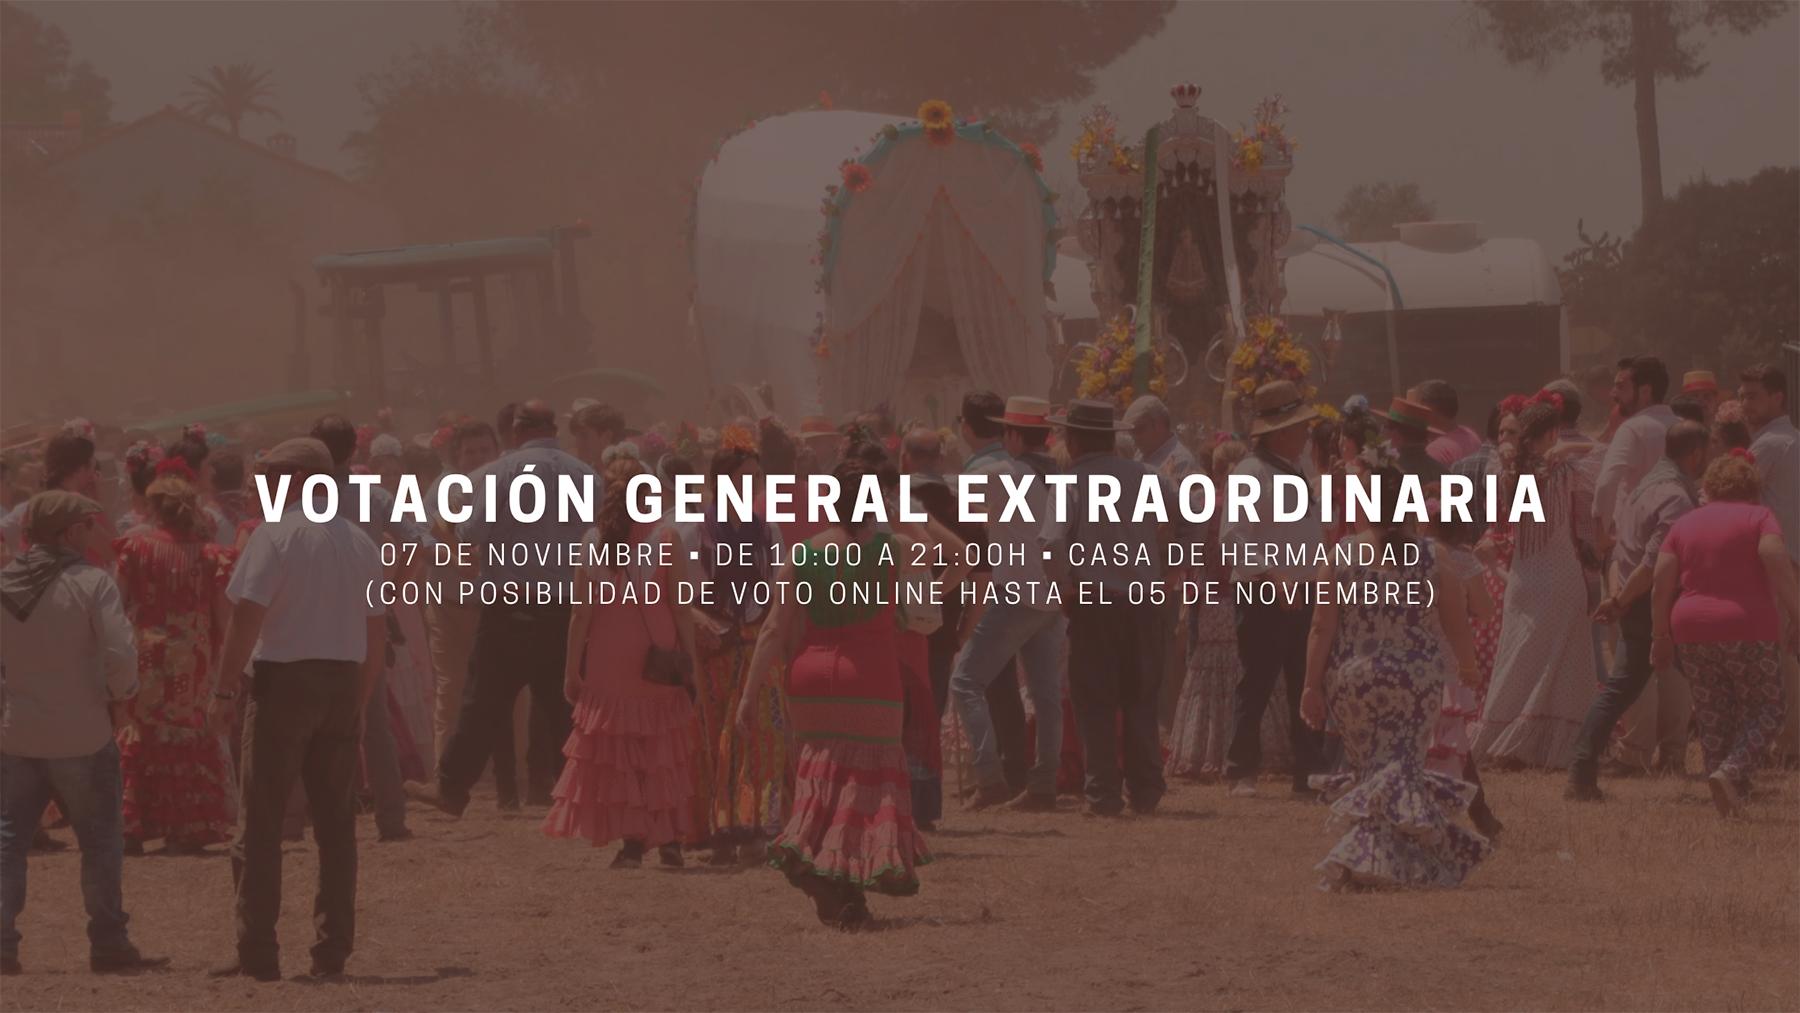 Votacion General Extraordinaria noviembre 2020